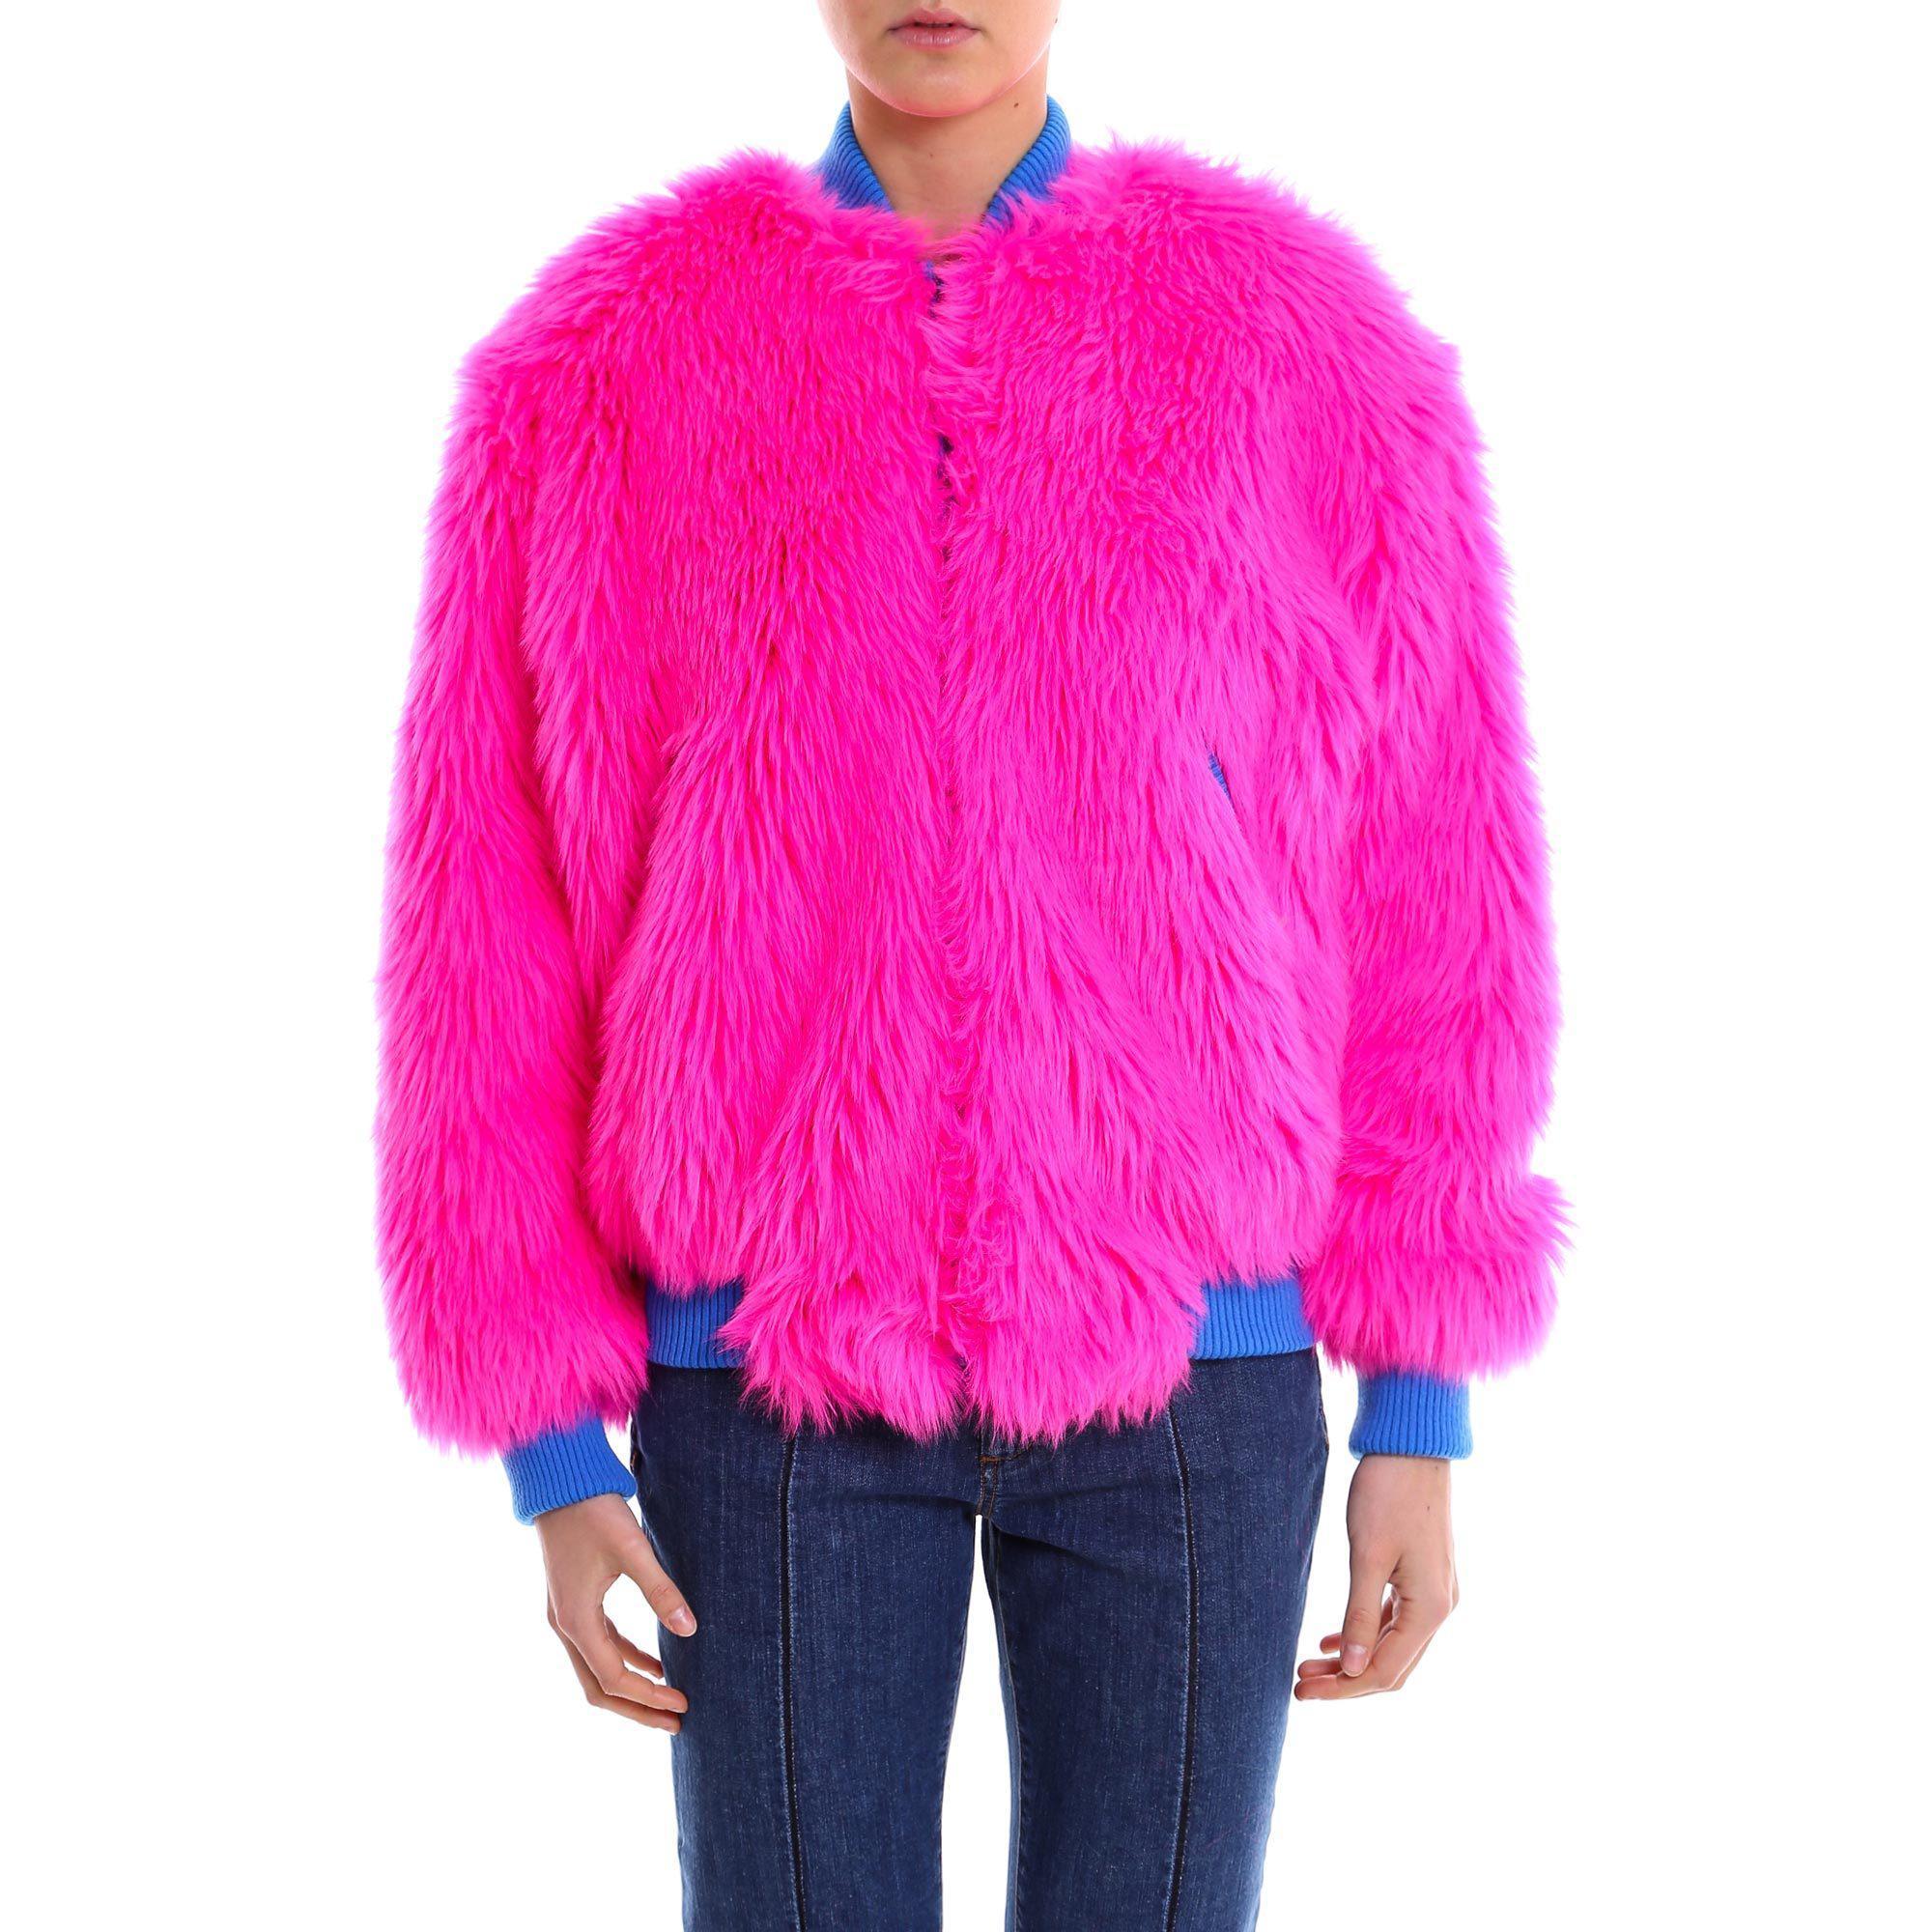 Lyst Alberta Pink Ferretti Faux Fur In Jacket SzMVGpUq